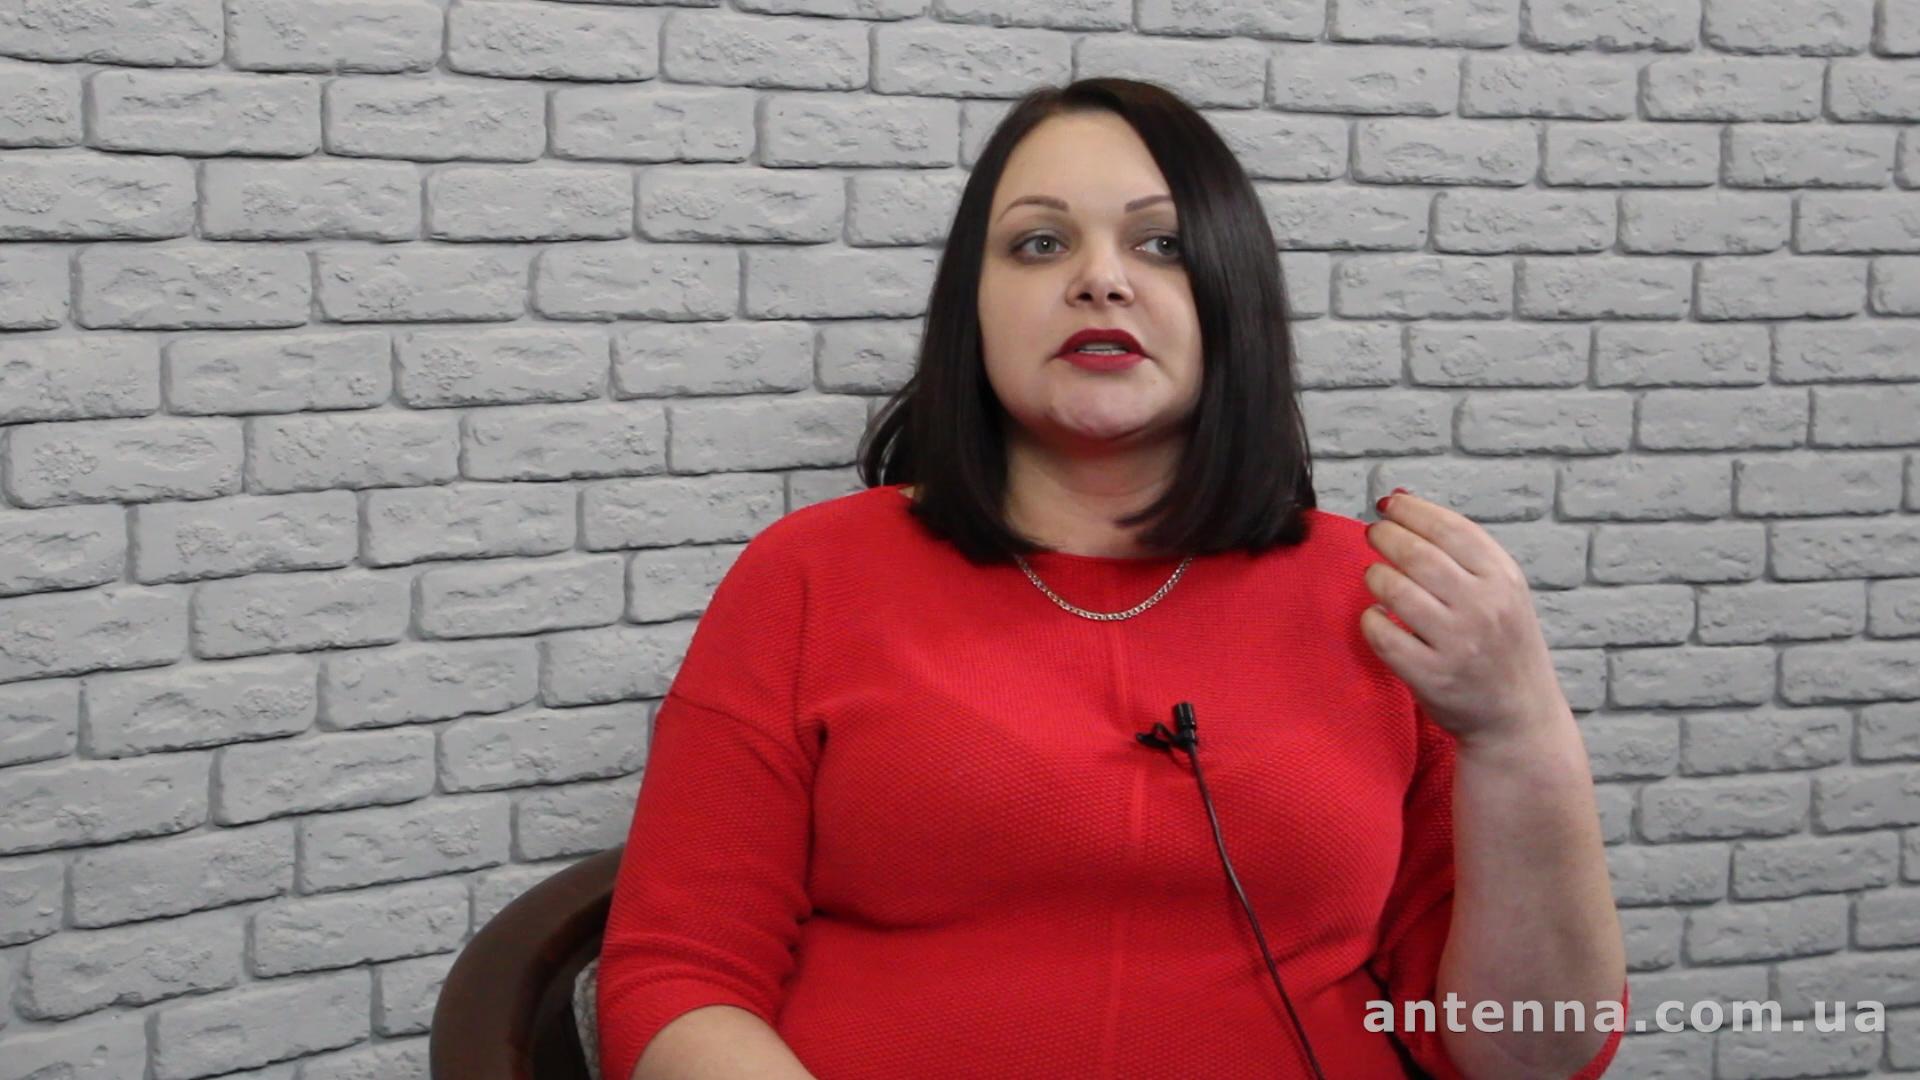 антена, телекомпанія, реклама, черкаси, Ірина Ткаченко,